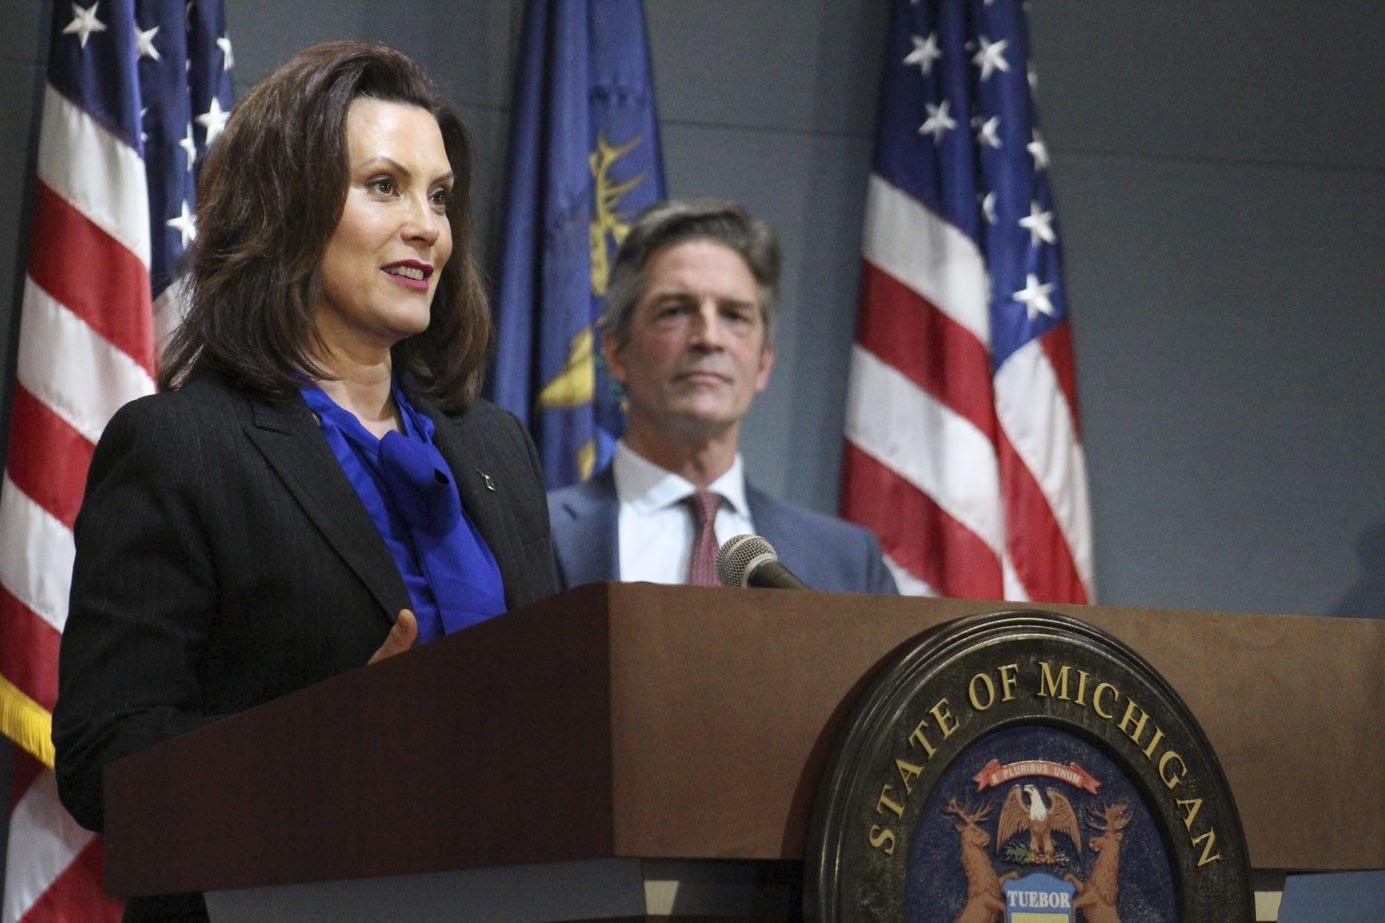 Governor Whitmer Provides COVID-19 Update in Michigan